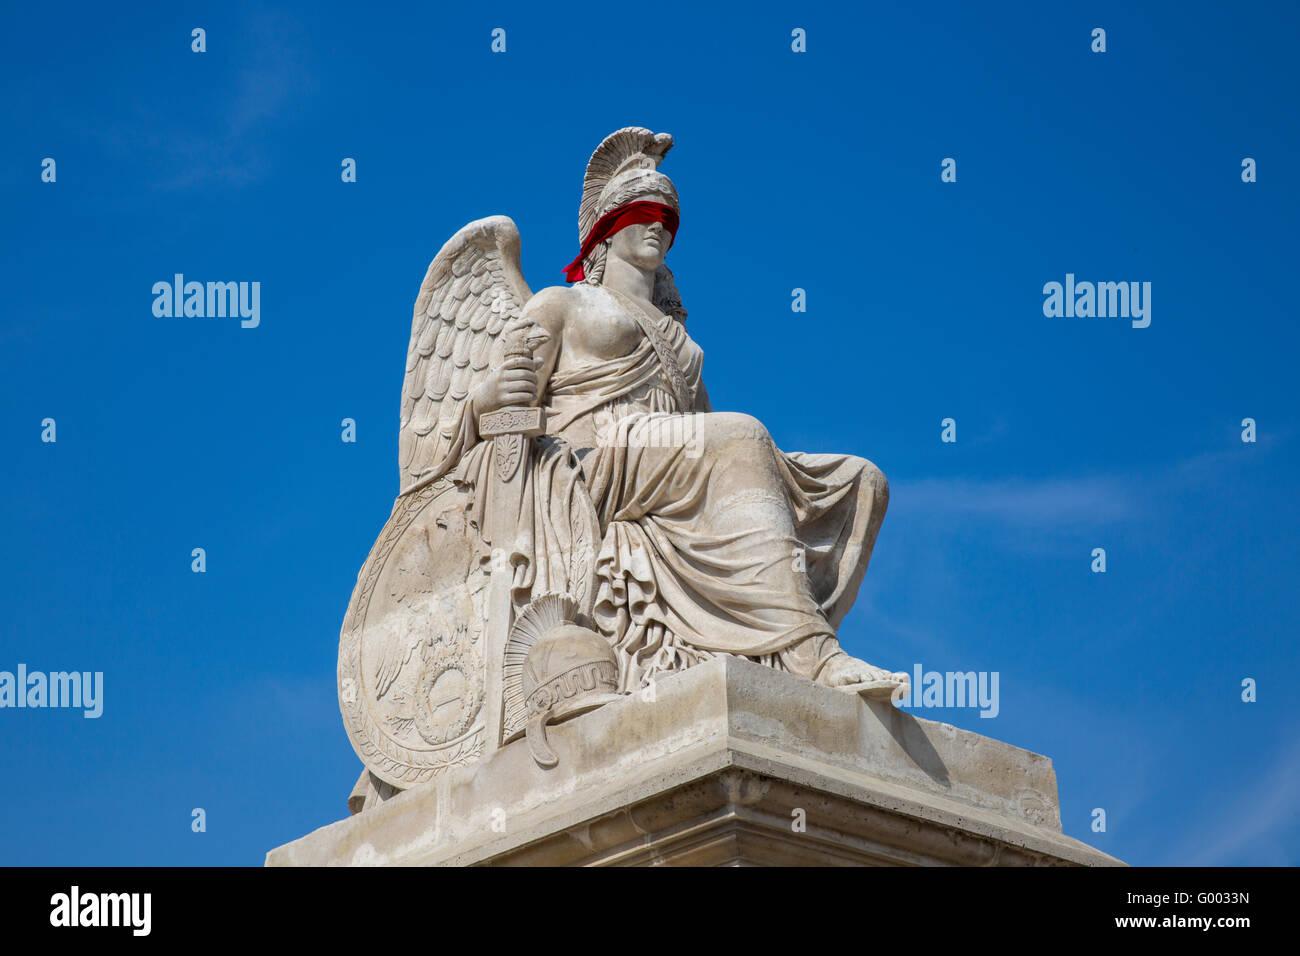 Gli occhi bendati statua a Parigi Immagini Stock